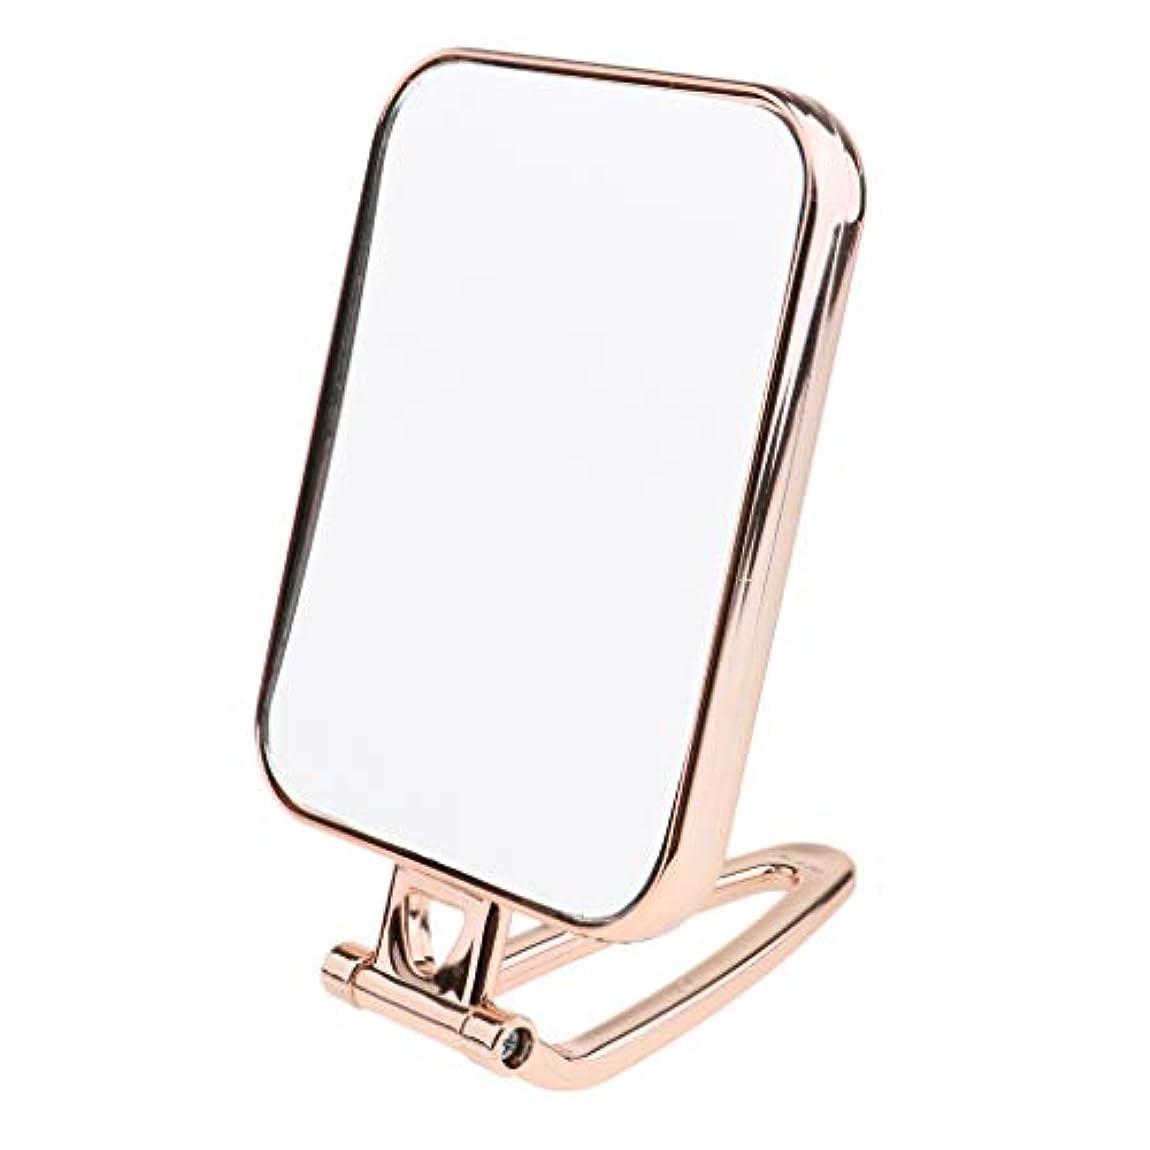 リスナーセマフォ民族主義B Blesiya 全3色 スクエア 両面鏡 両面ミラー テーブルミラー 化粧鏡 卓上化粧用品 - ゴールド